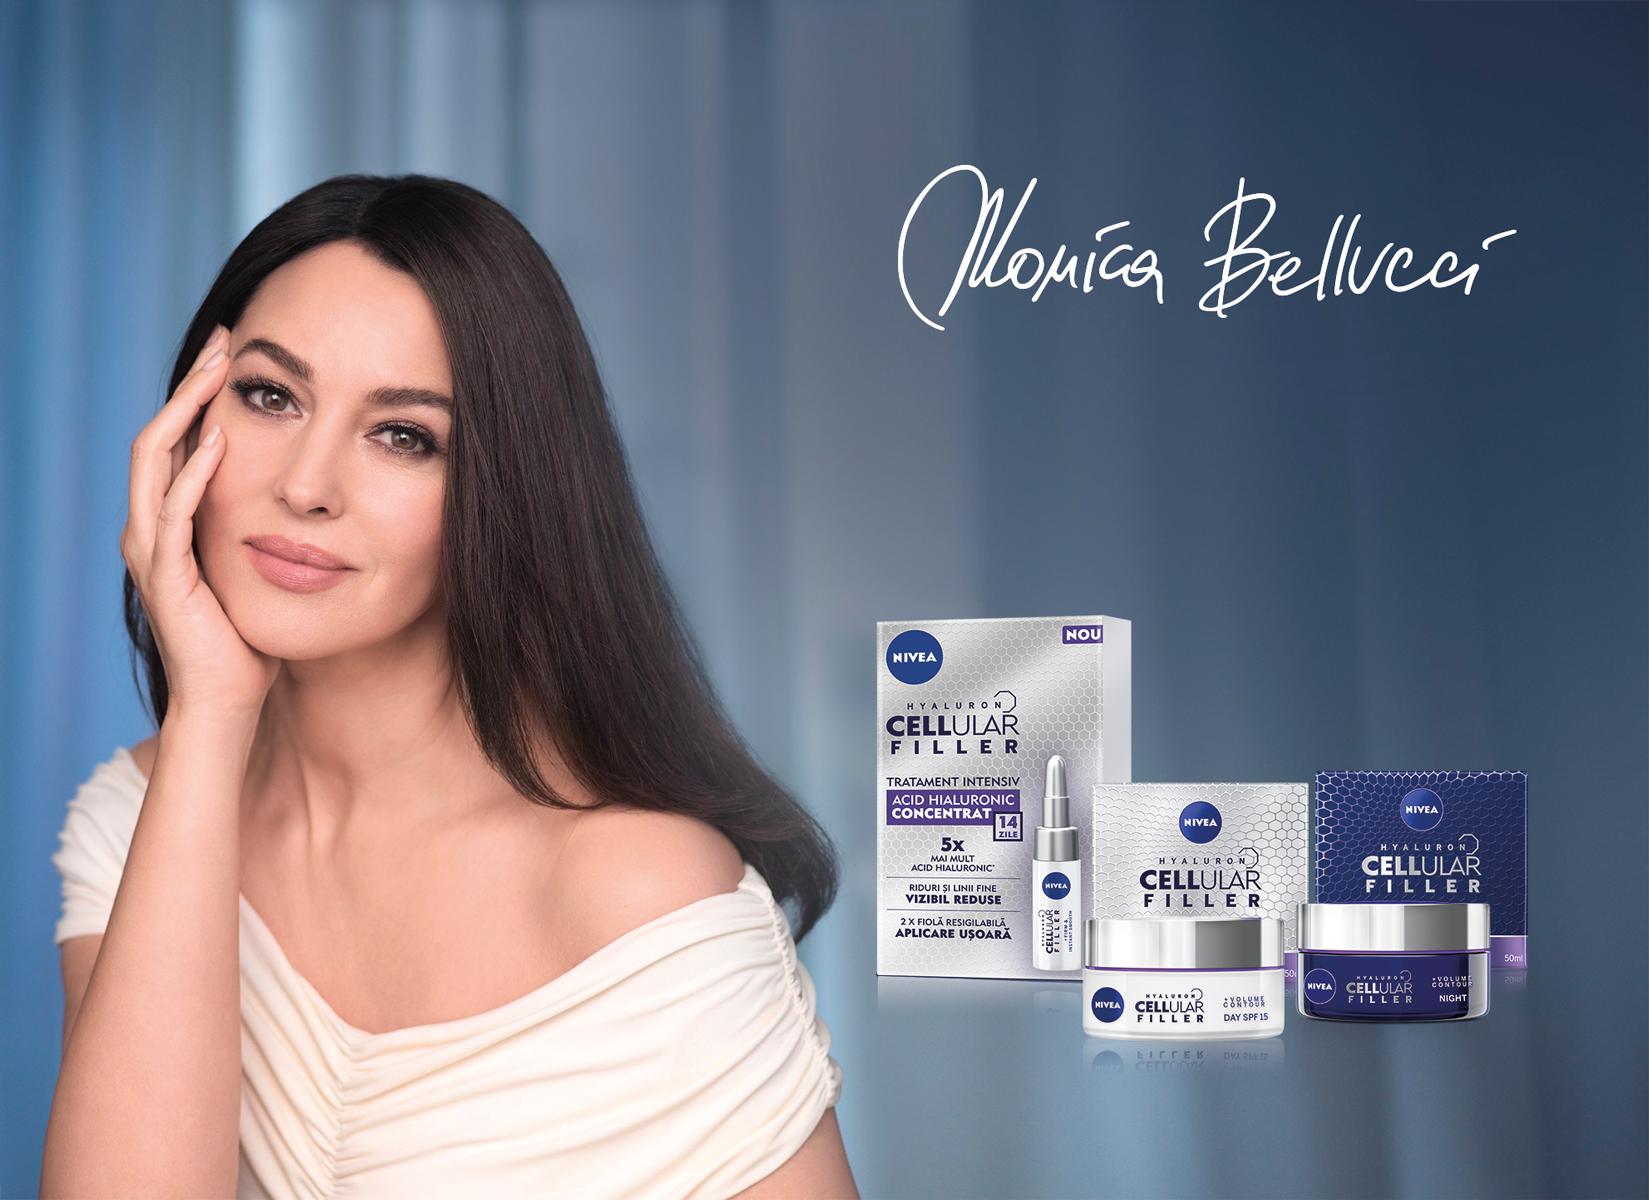 Descoperă alături de Monica Bellucci cum să arăți bine și să te simți tânără la orice vârstă!